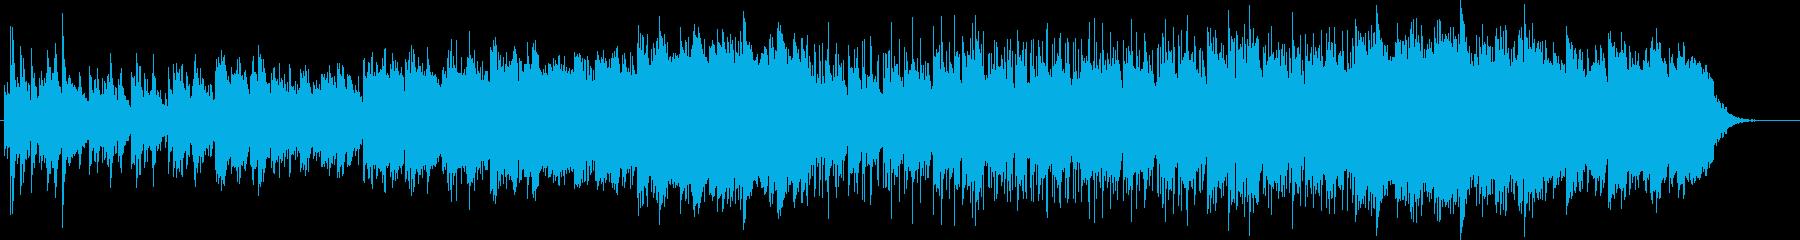 可憐で優しいピアノサウンドの再生済みの波形